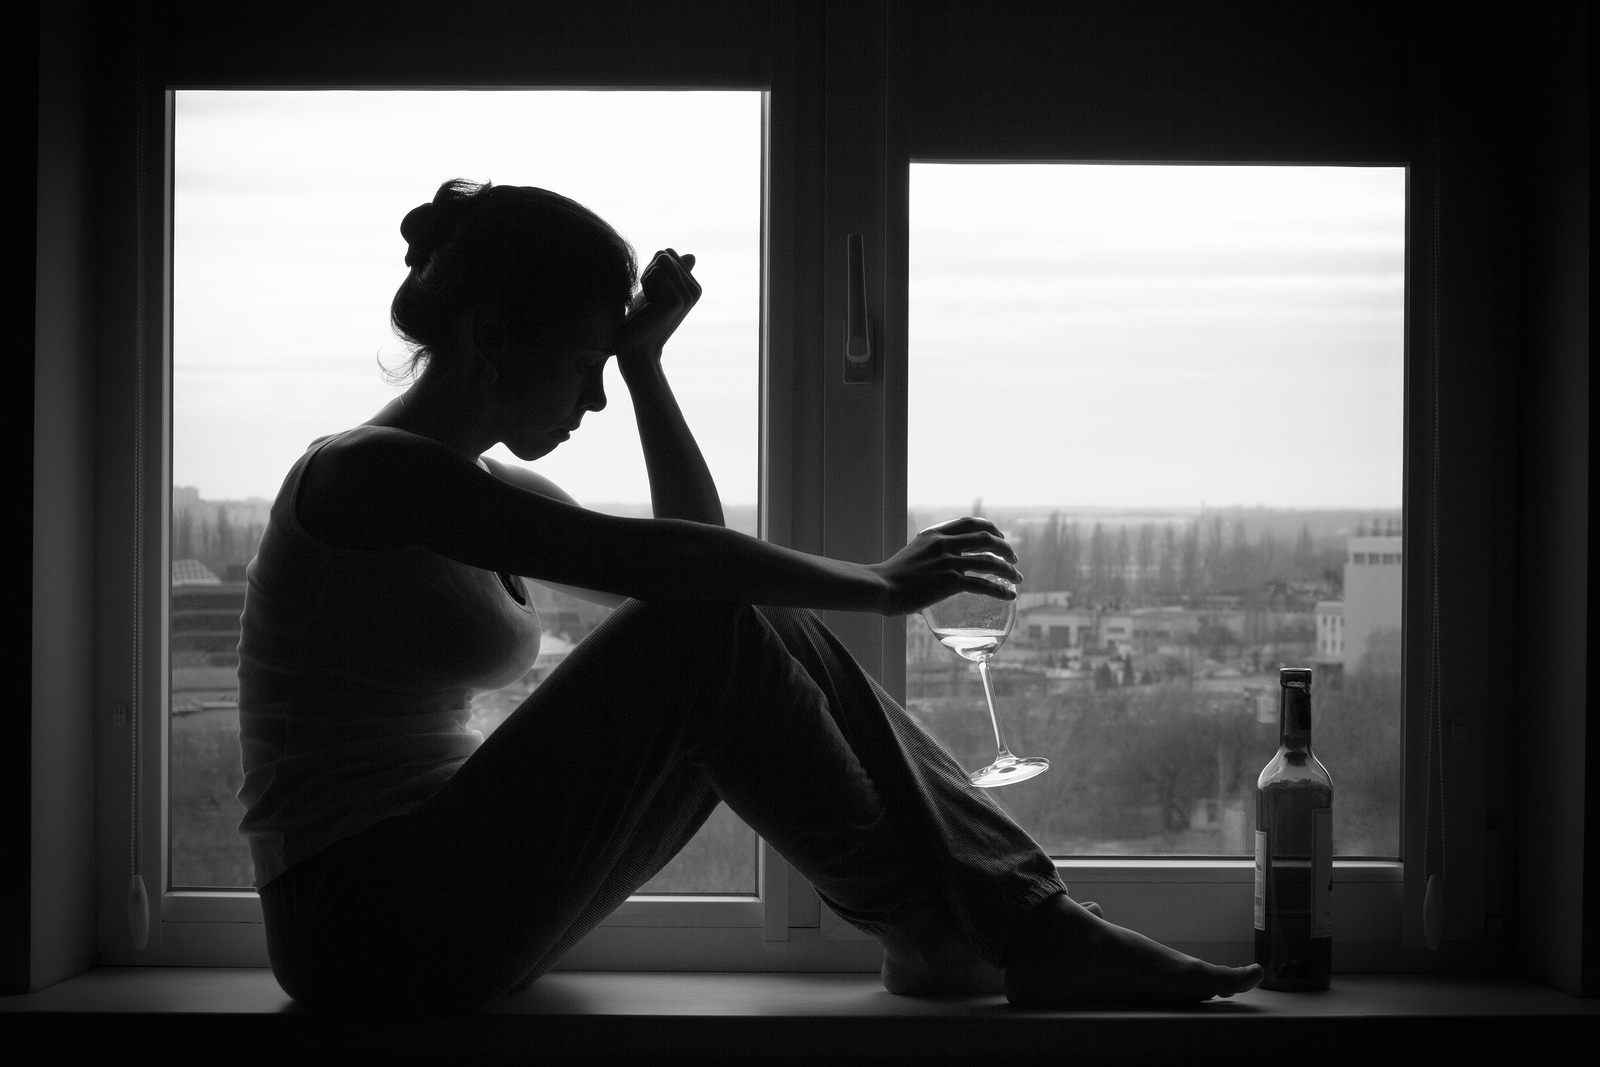 Pašnekovės tėvai patys turėjo psichologinių problemų. Mama anksti liko našlaite, o tėtis buvo bohemiškas, mėgdavęs išgerti. Tą patį negerą įprotį perėmė ir pati Milda, vildamasi, kad alkoholis padės išspręsti visas problemas.